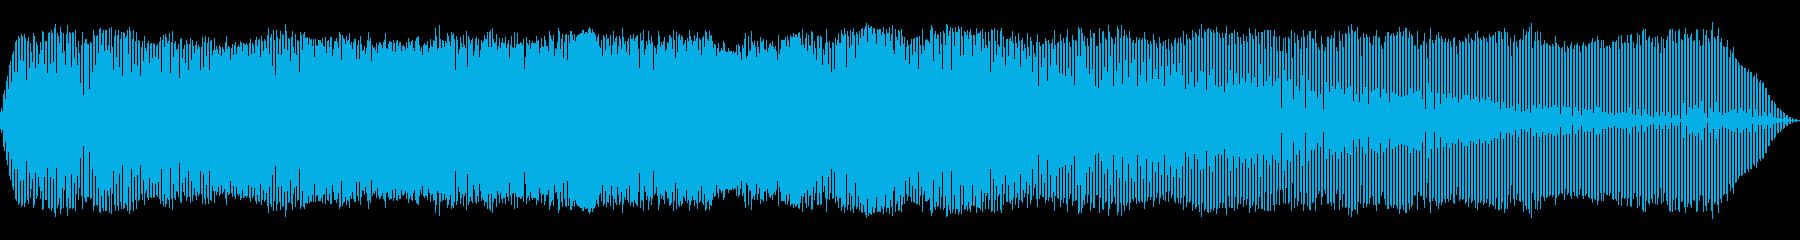 過酷なドローン、SCI FI宇宙ド...の再生済みの波形